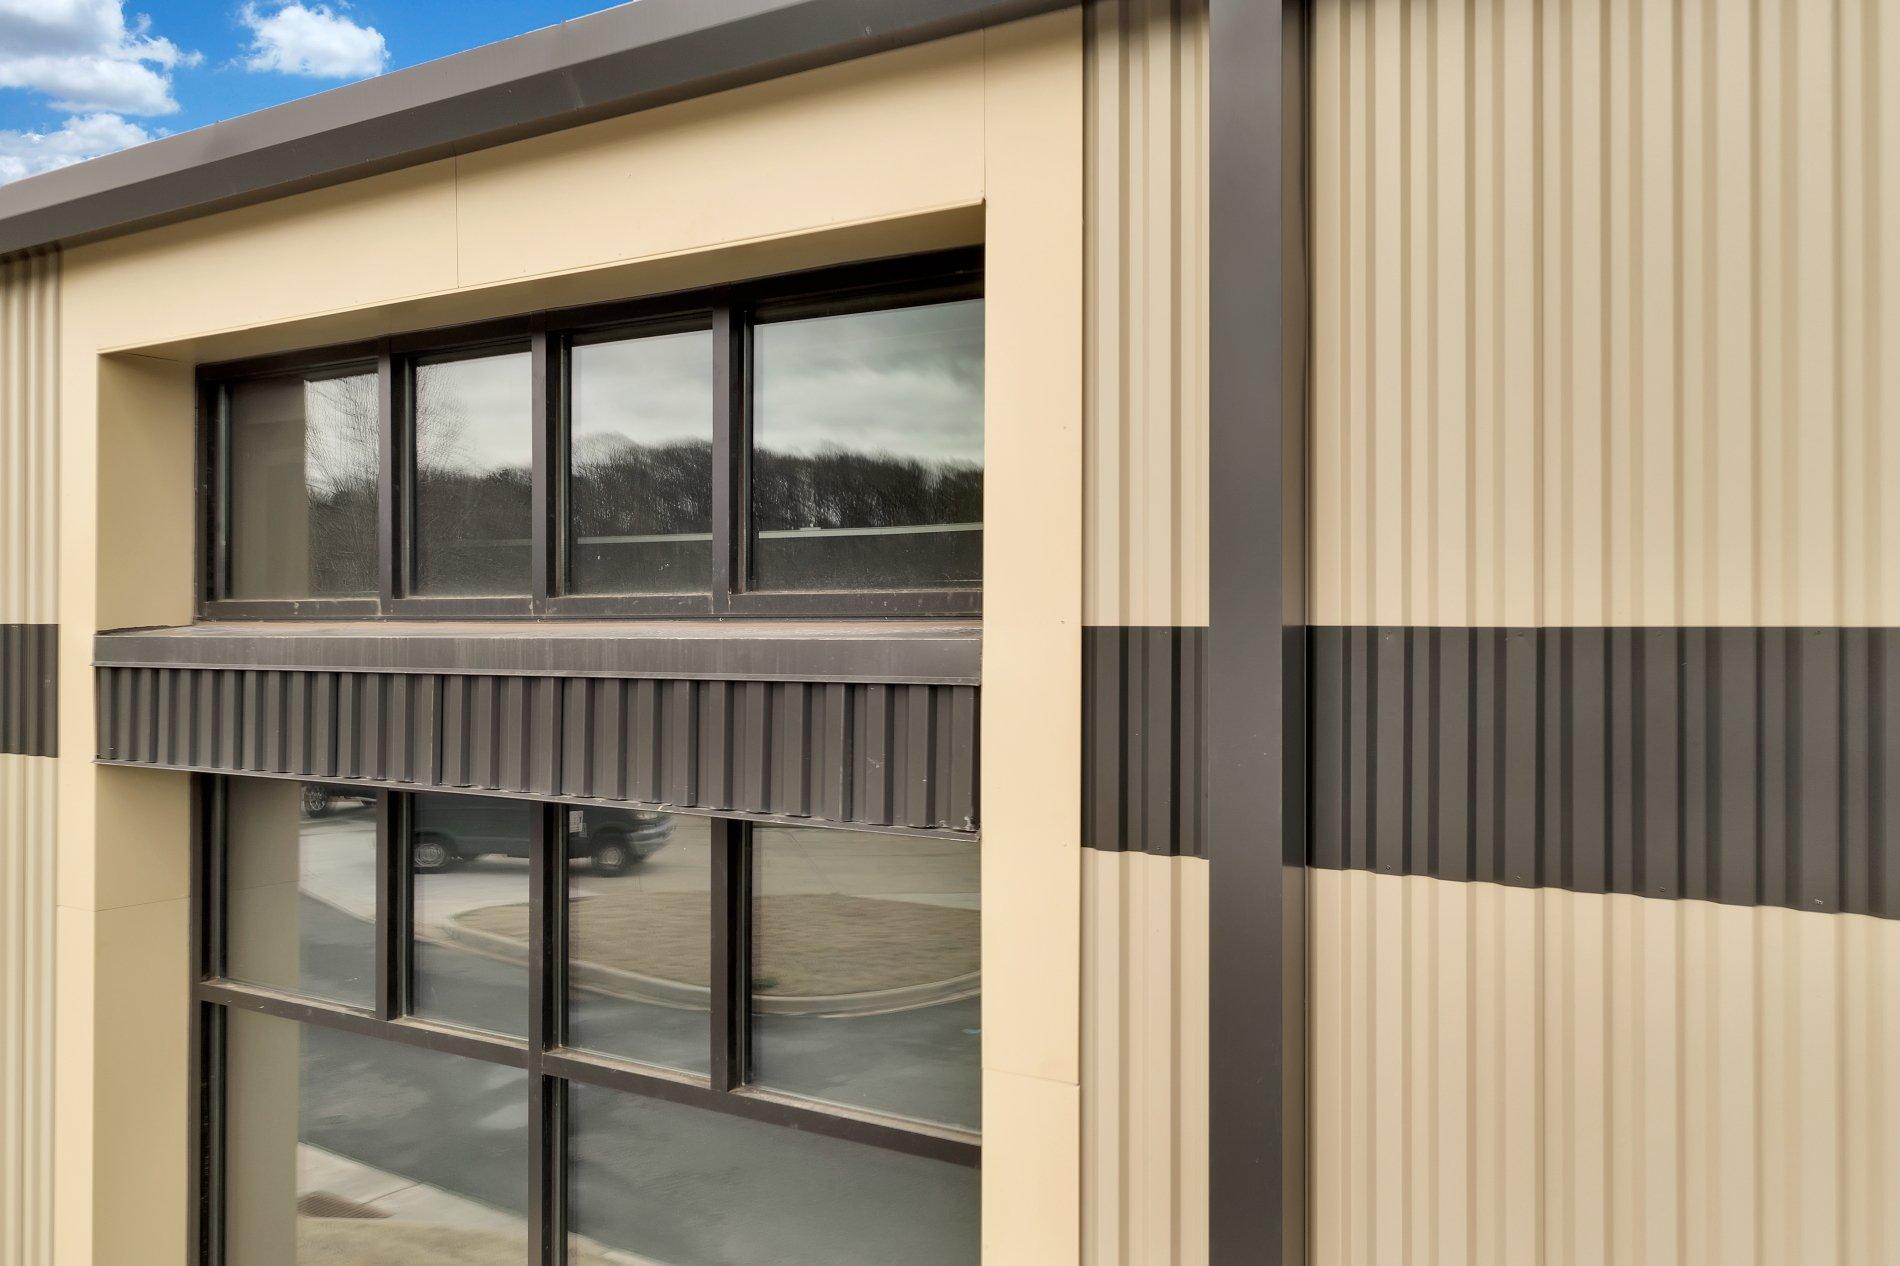 Gaffney-training-center-wave-panel-custom-coating